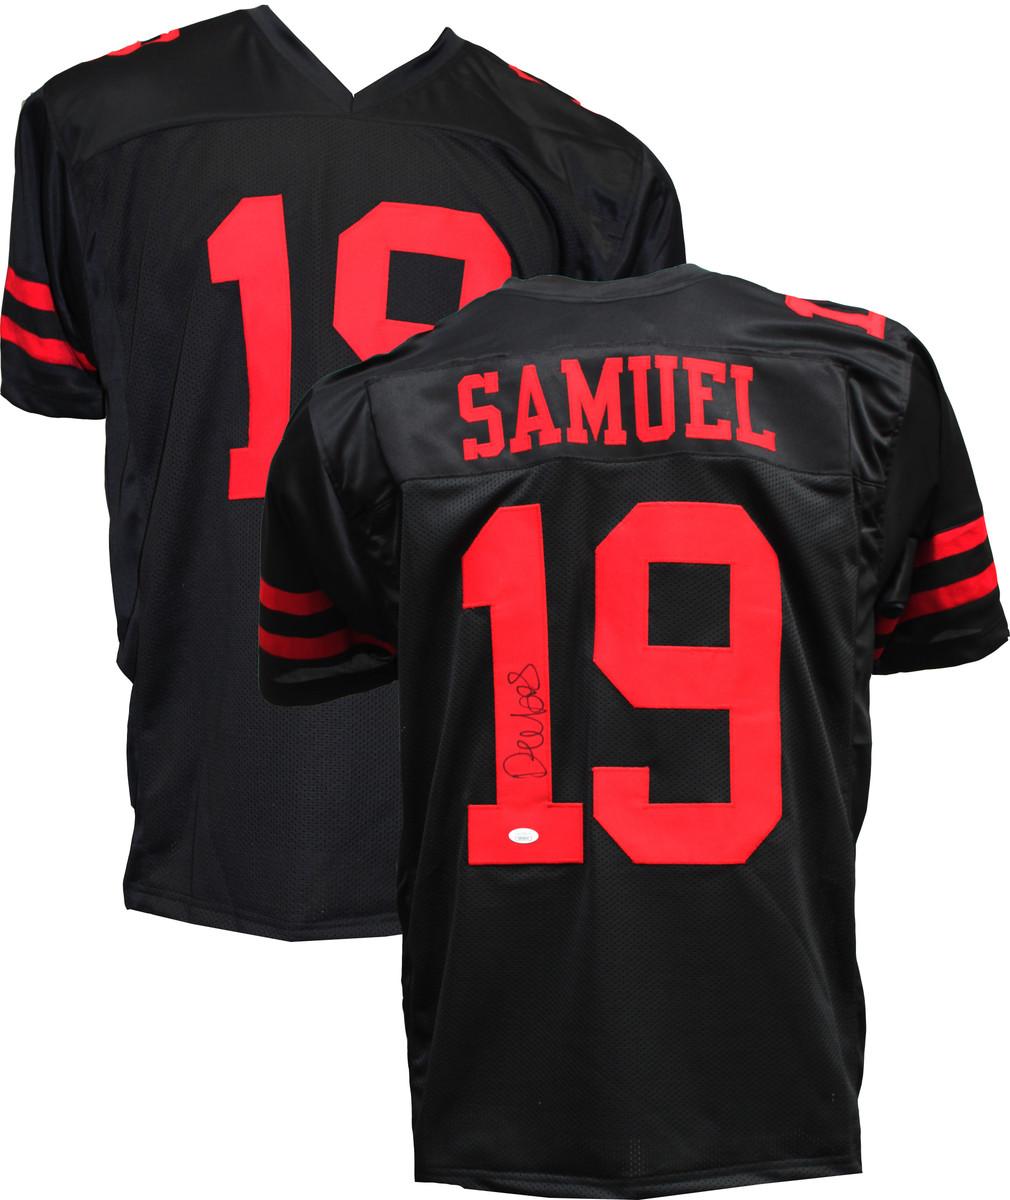 quality design 6358d 03c19 Authentic Deebo Samuel Autographed Black Jersey